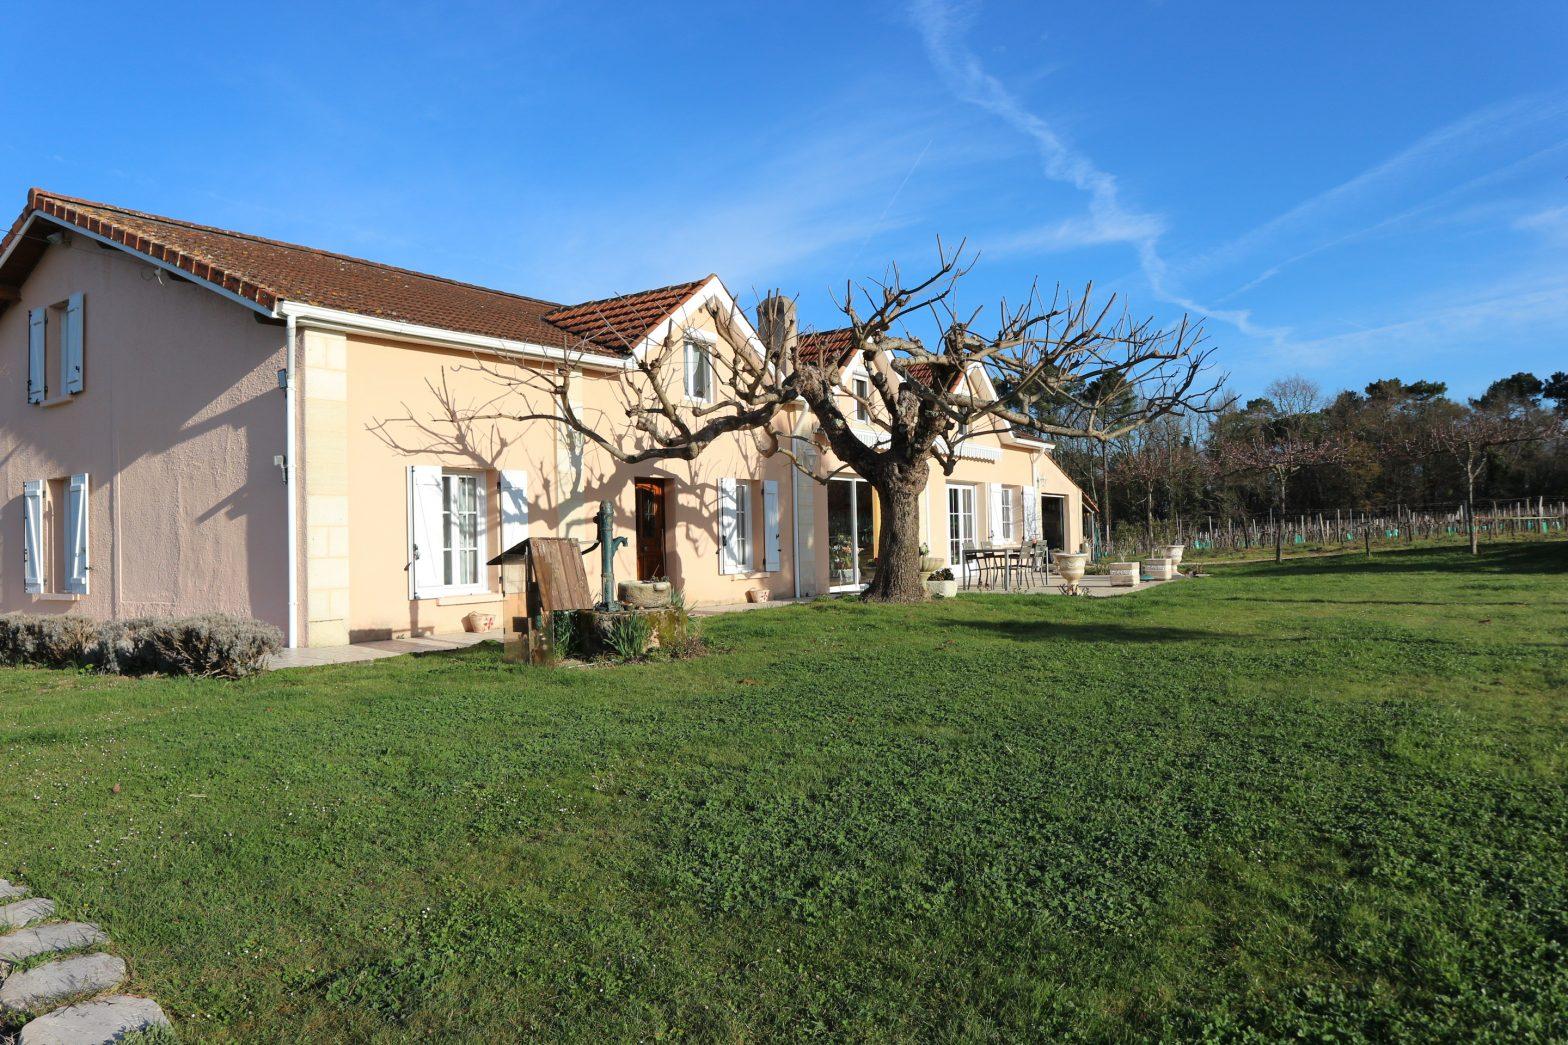 Propriété viticole à vendre de 8.48 HA - Bordeaux - 18048 - fr